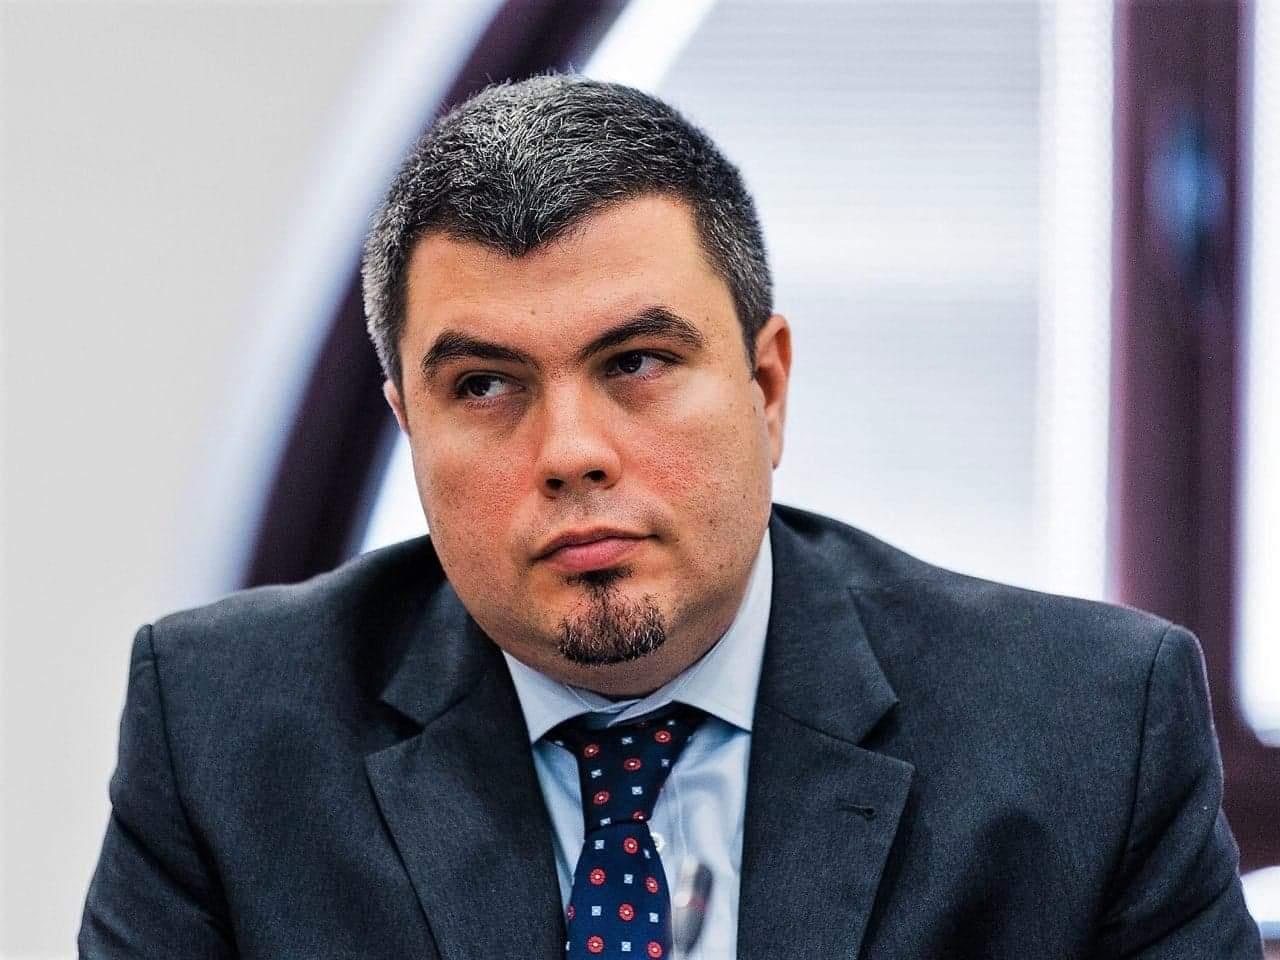 Отсега македонските адвокати може да полагаат трансферен испит и да работат со титула адвокат во Англија и Велс